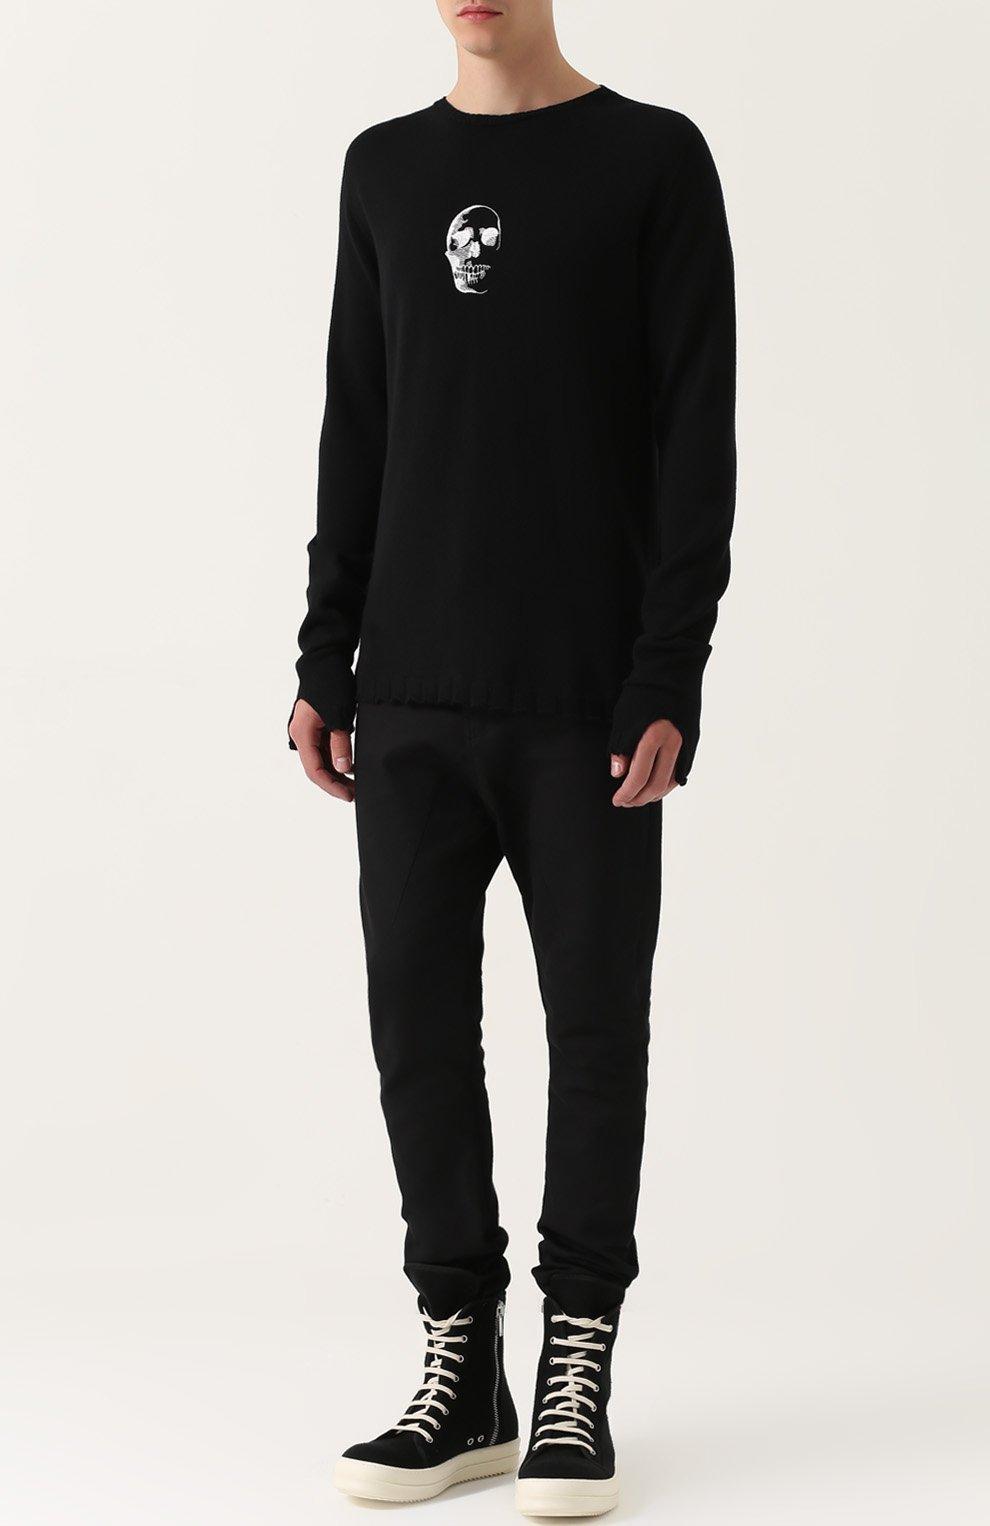 Удлиненный шерстяной джемпер с контрастной вышивкой | Фото №2